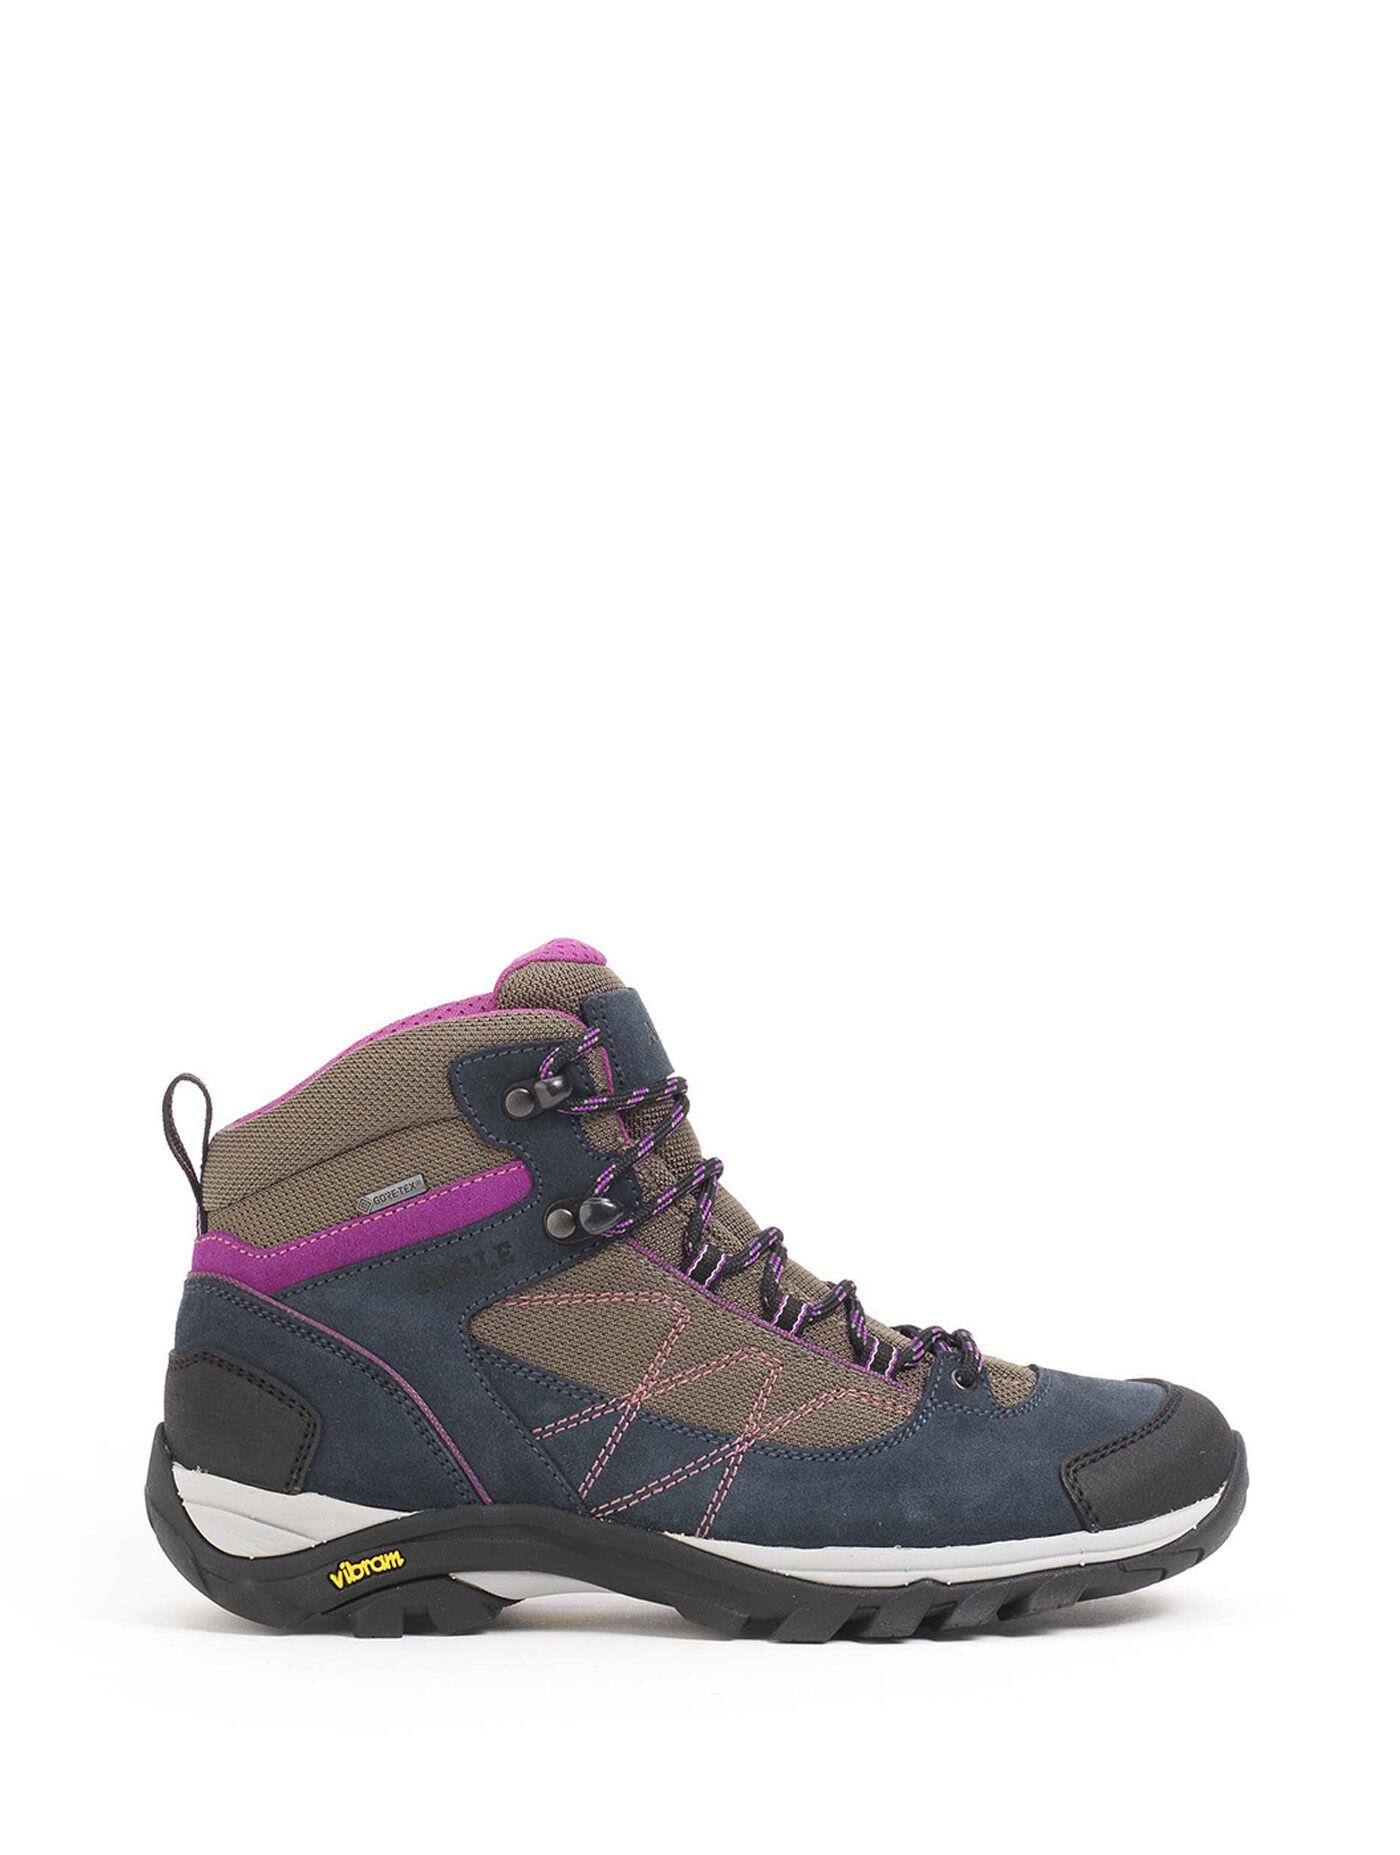 Chaussures Femme MarcheAigle De Randonnée 3A4Lqc5Rj